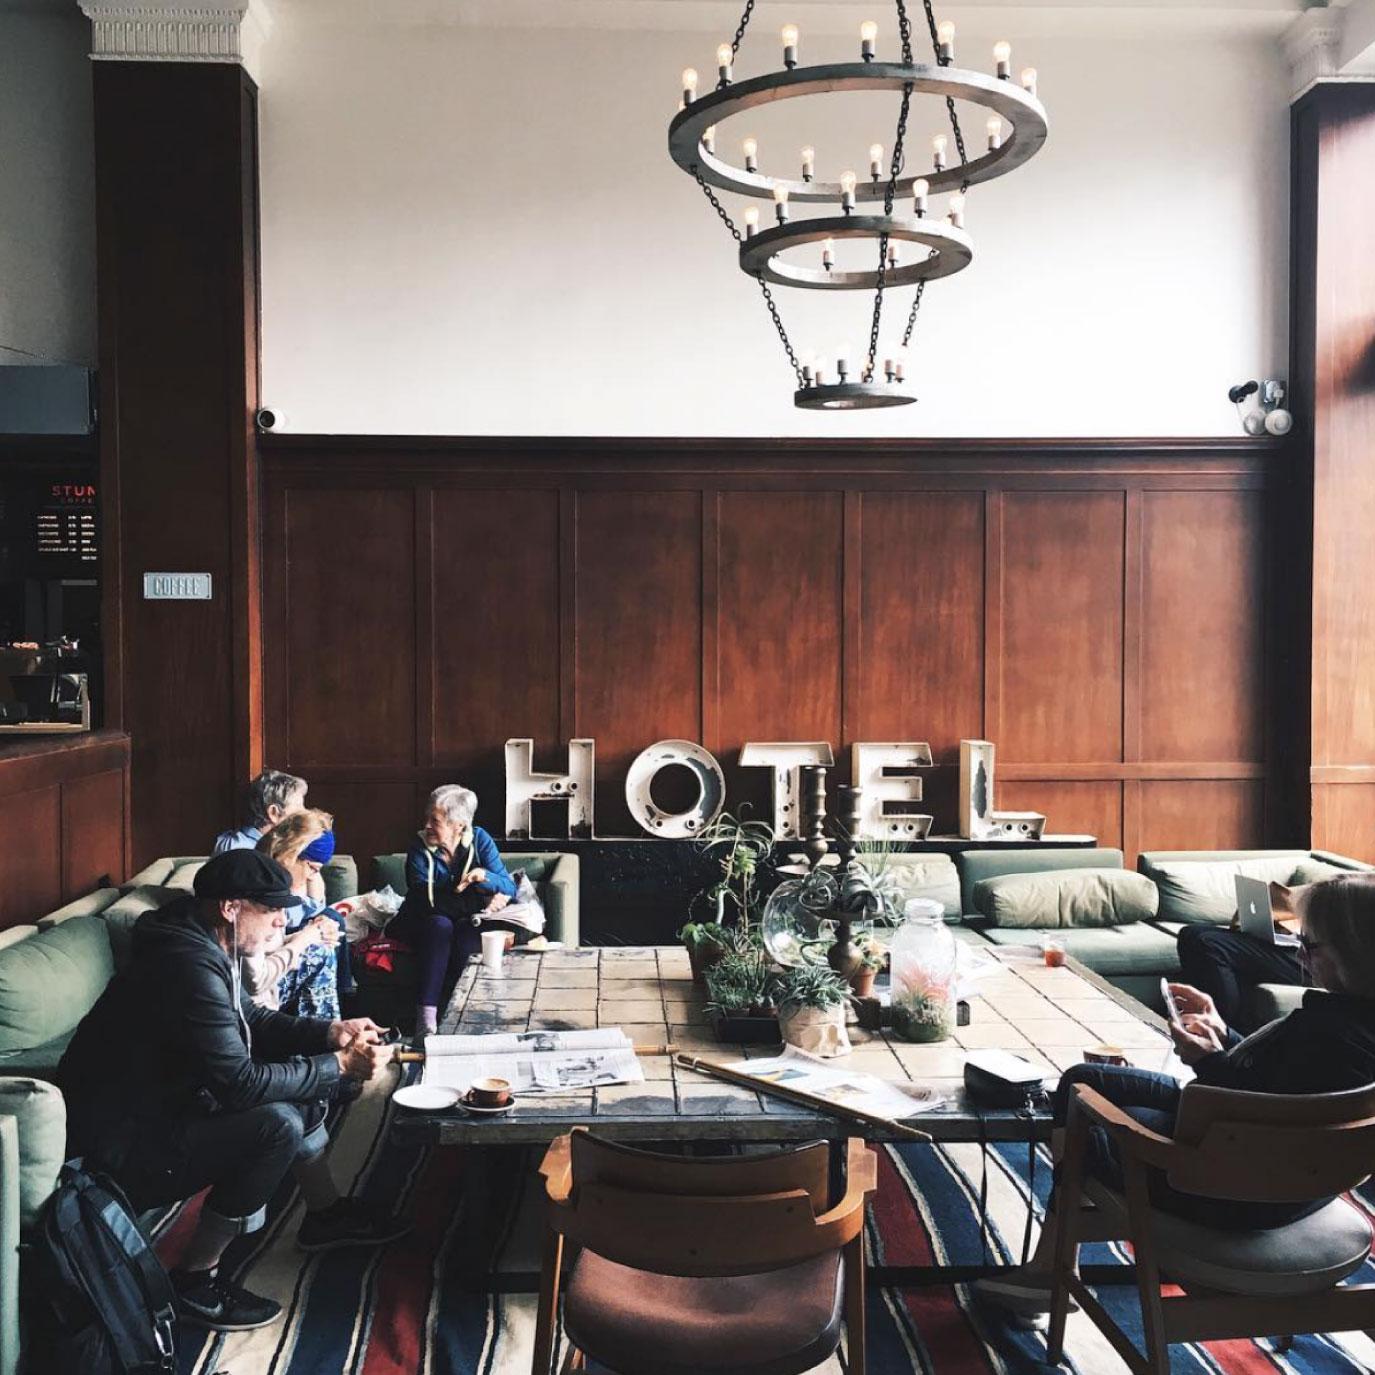 鉄板スポット「エースホテル」でパシャり